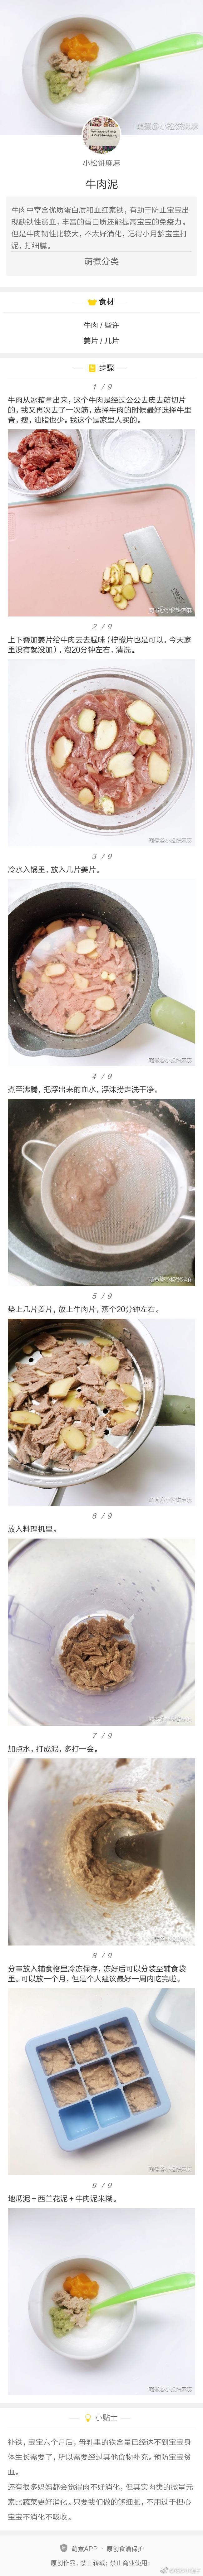 牛肉中富含优质蛋白质和血红素铁,补铁补铁